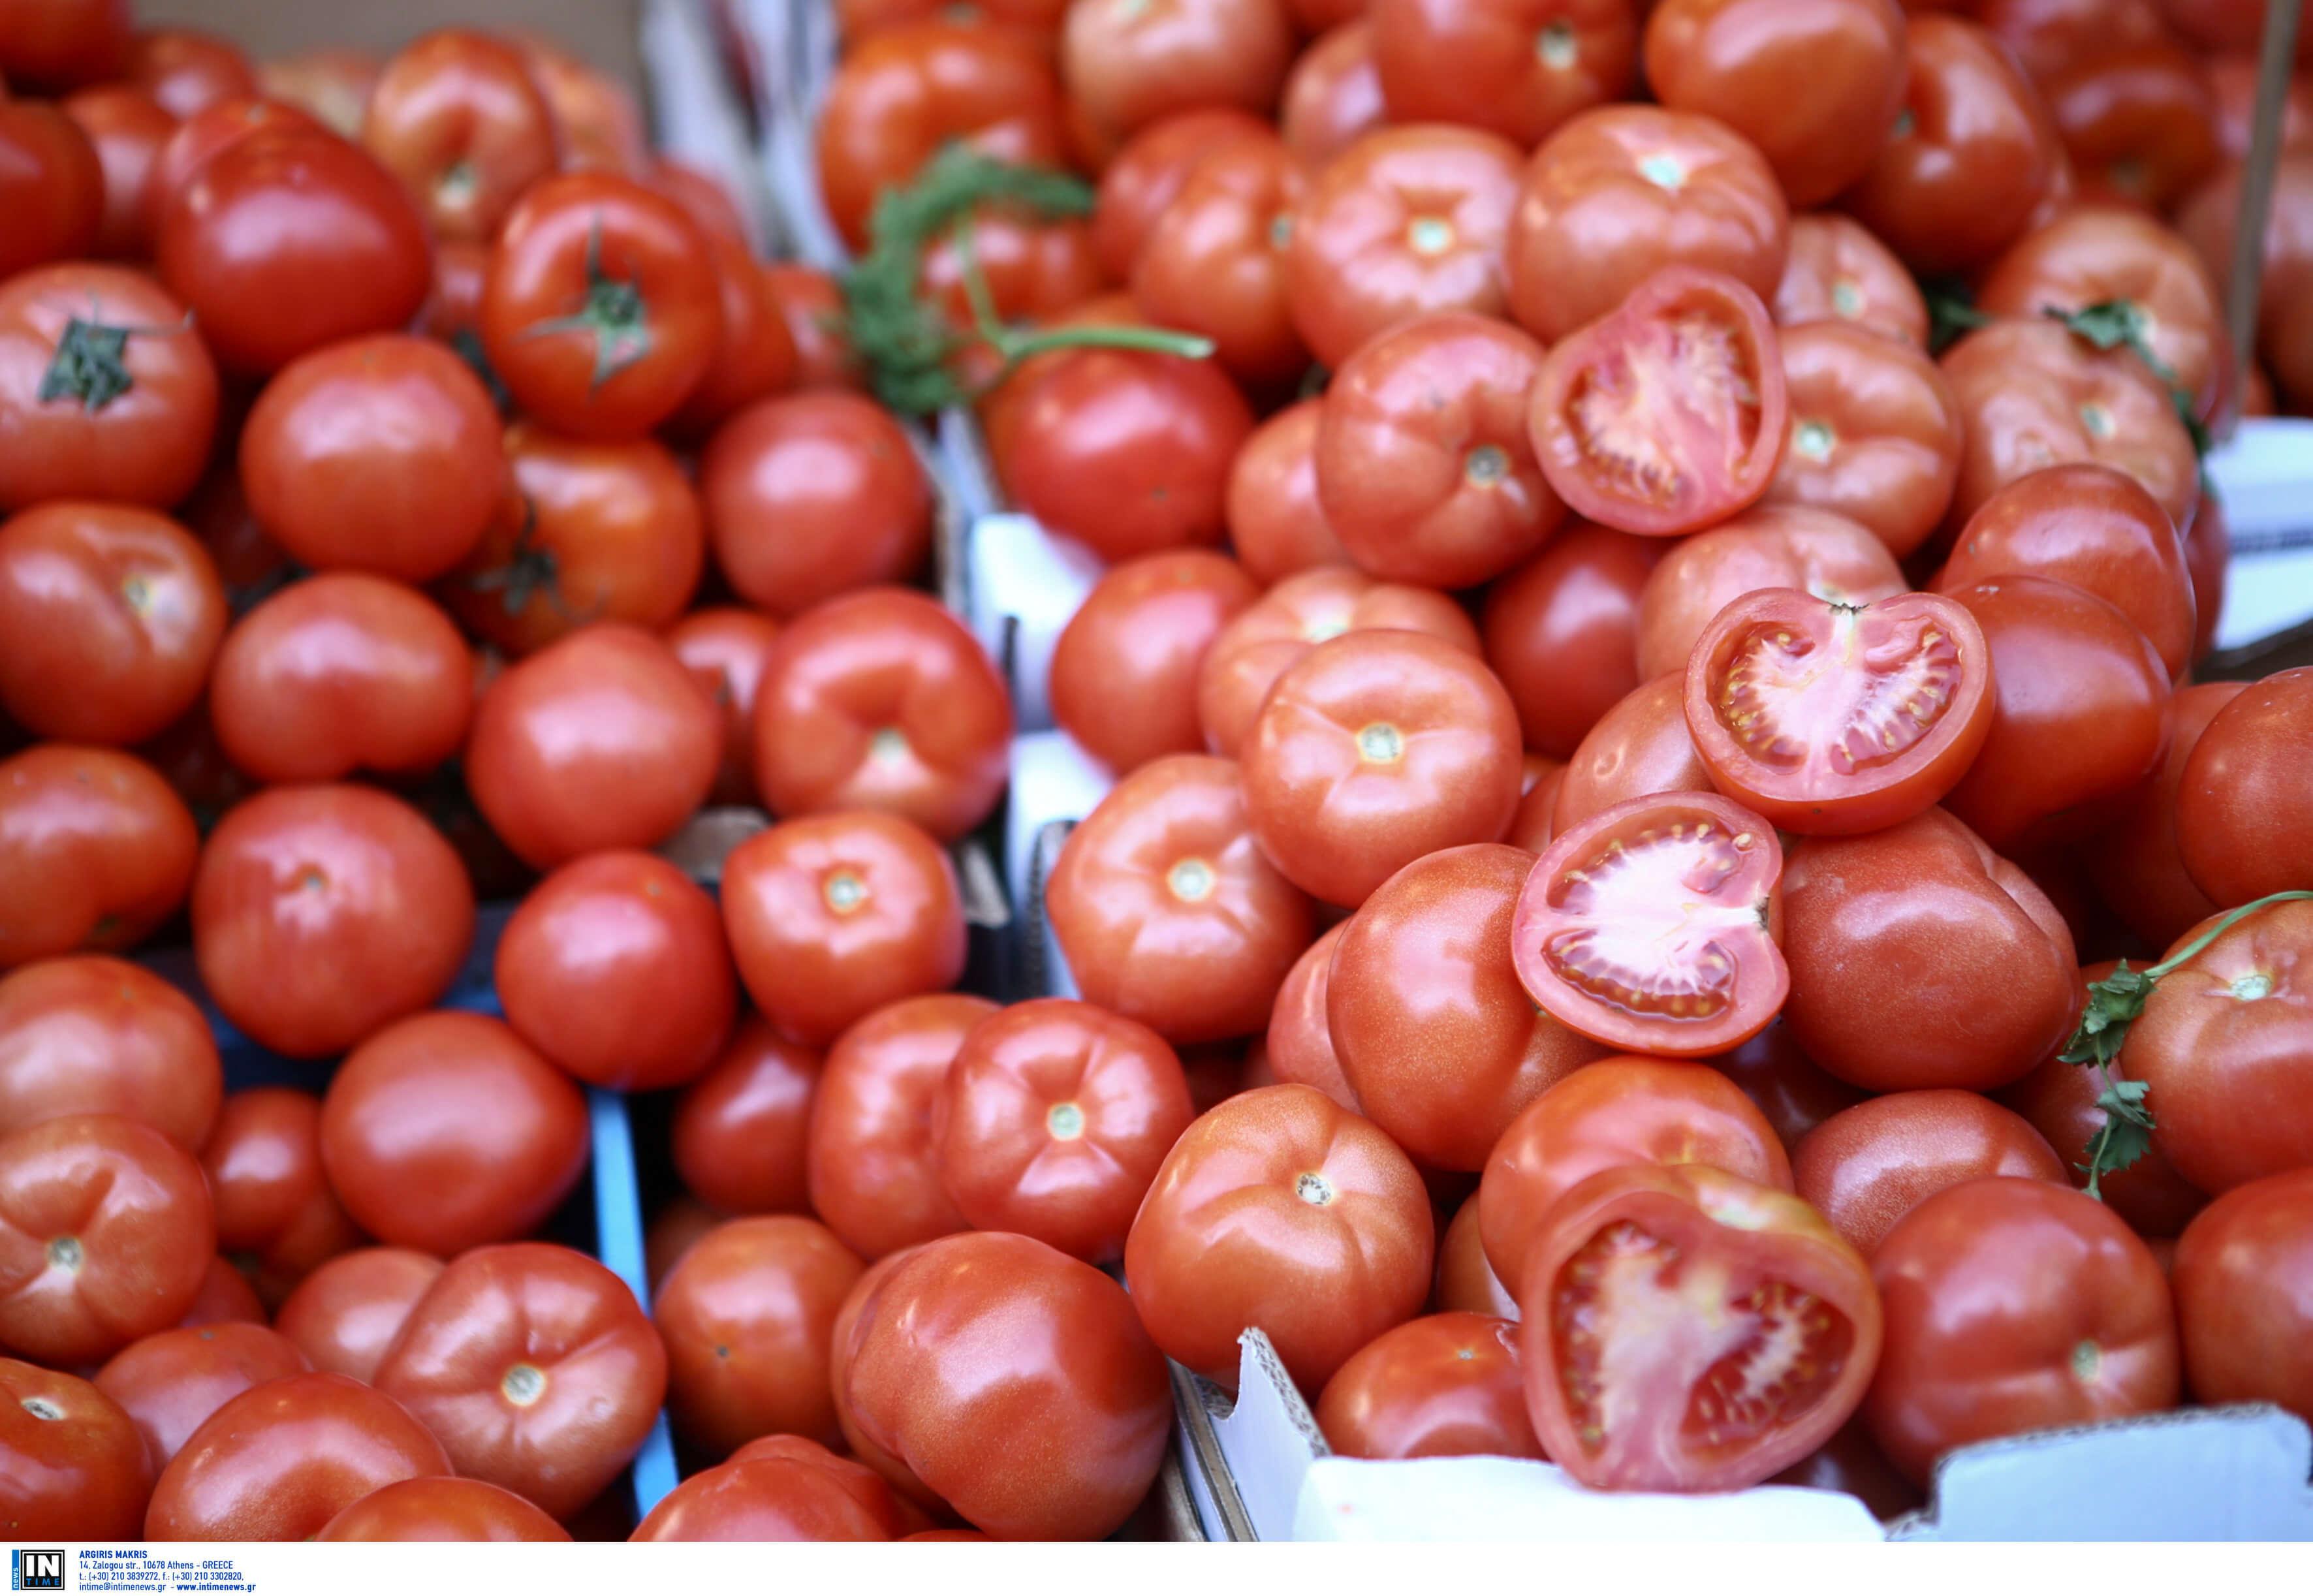 Δεσμεύθηκαν 2,5 τόνοι ντομάτας χωρίς σήμανση στον Πειραιά